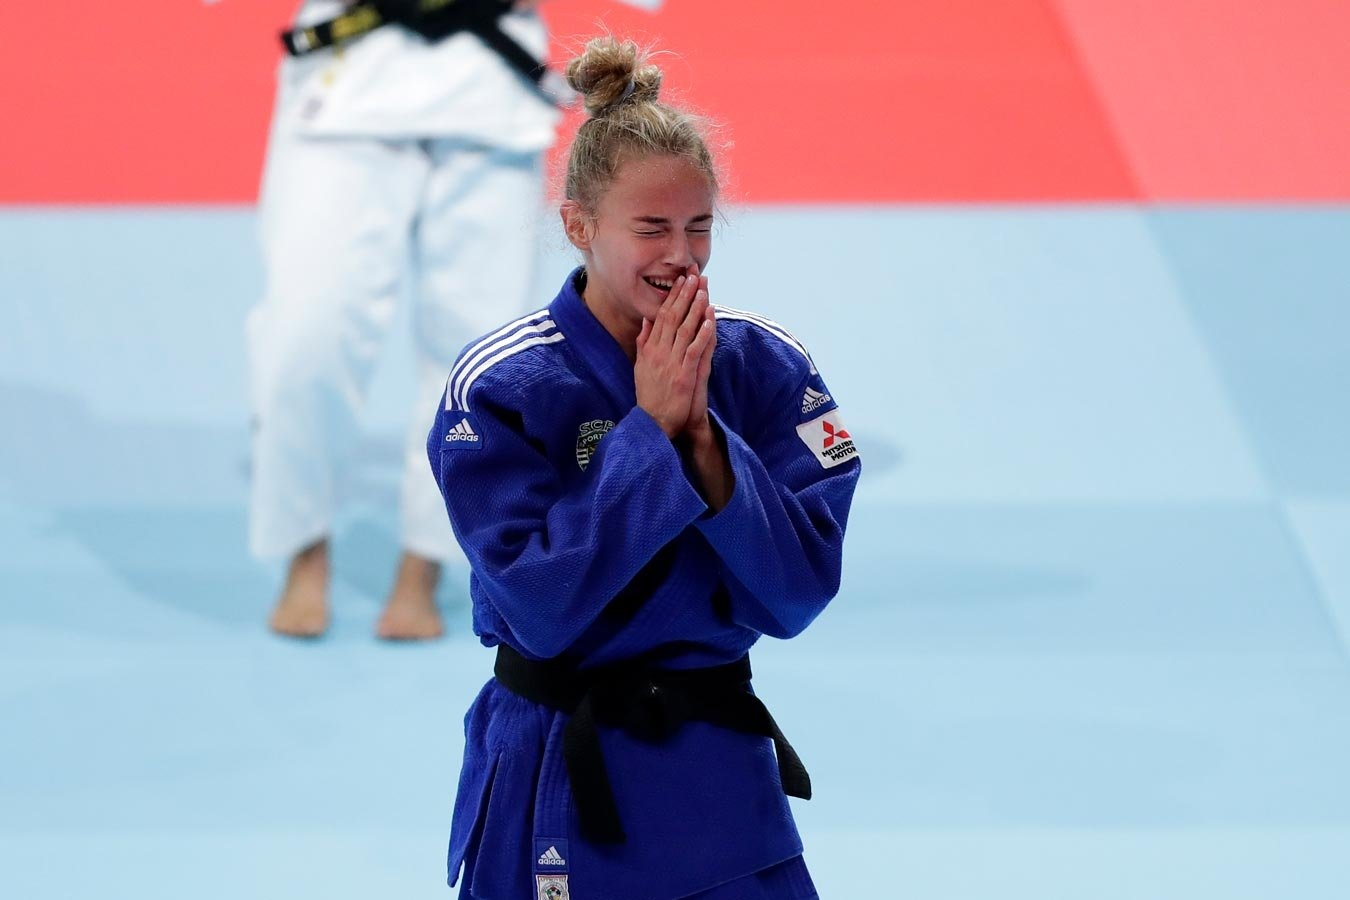 Дзюдоистка Дарья Белодед принесла Украине первую медаль Олимпиады в Токио - фото №2